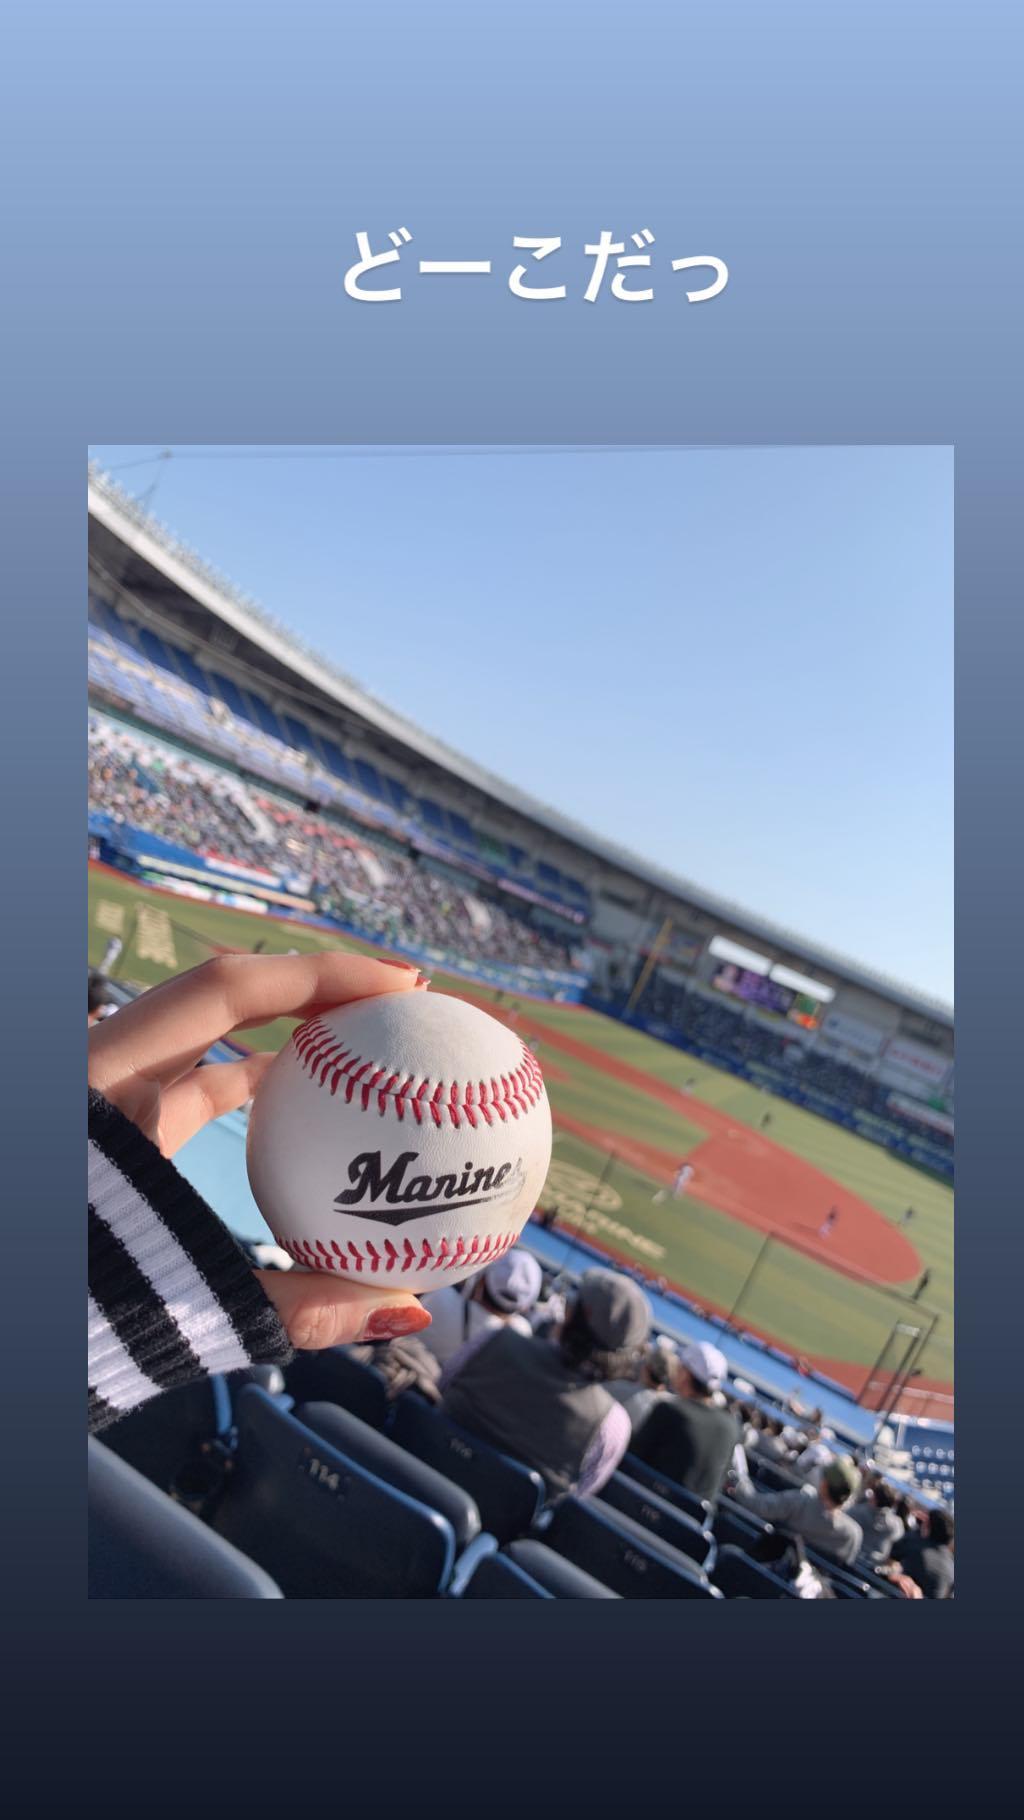 【朗報】 国民的アイドル 外野席で野球を観覧するw w w w w w w w w w w w w w w w